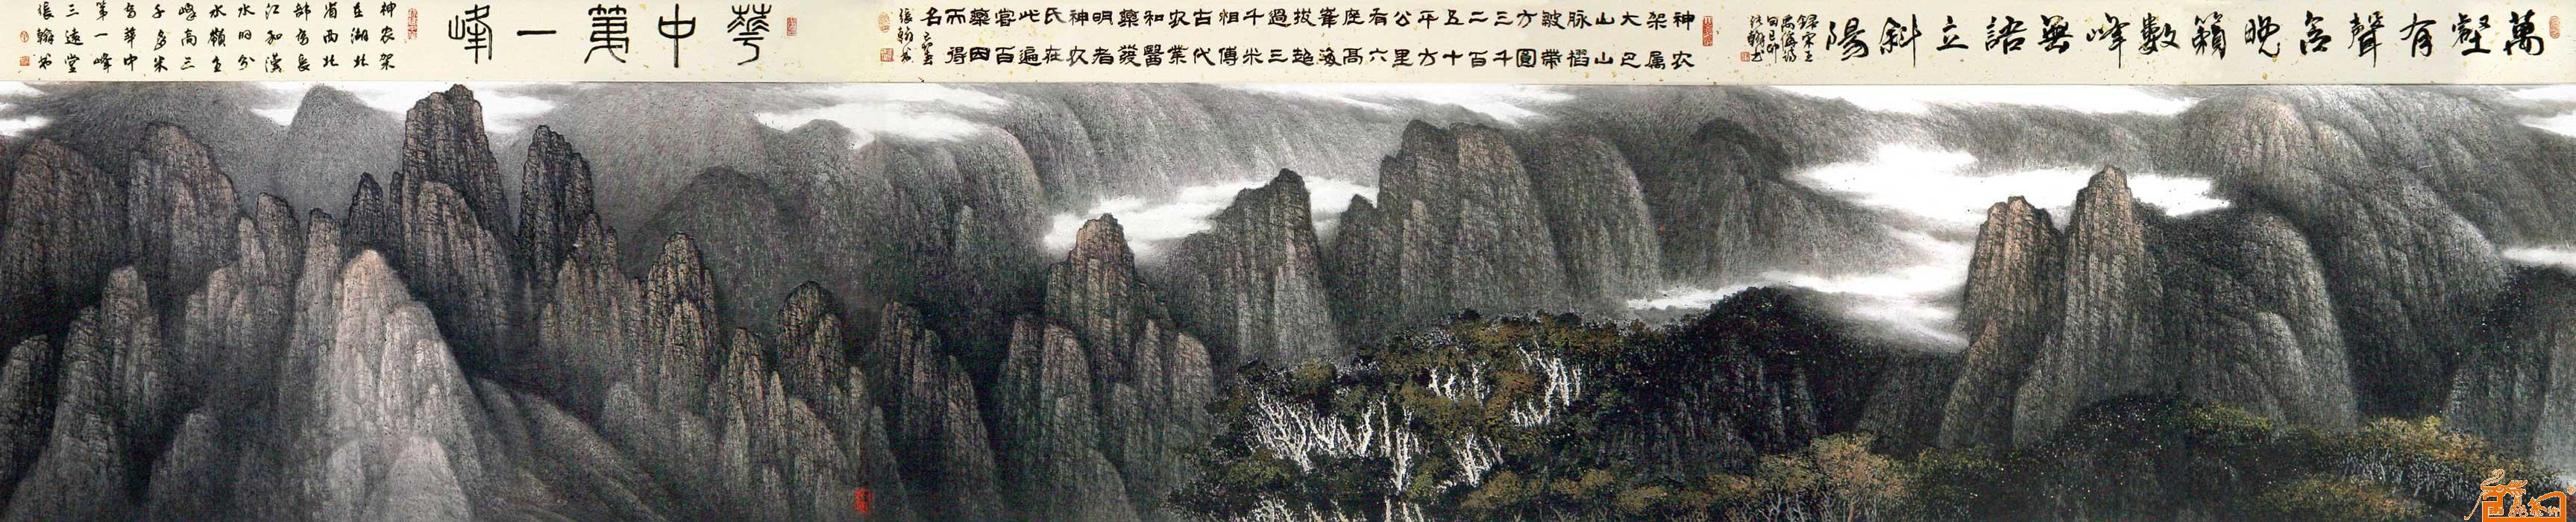 张弟德-365米山水长卷江山一统节选之华中第一峰-淘宝